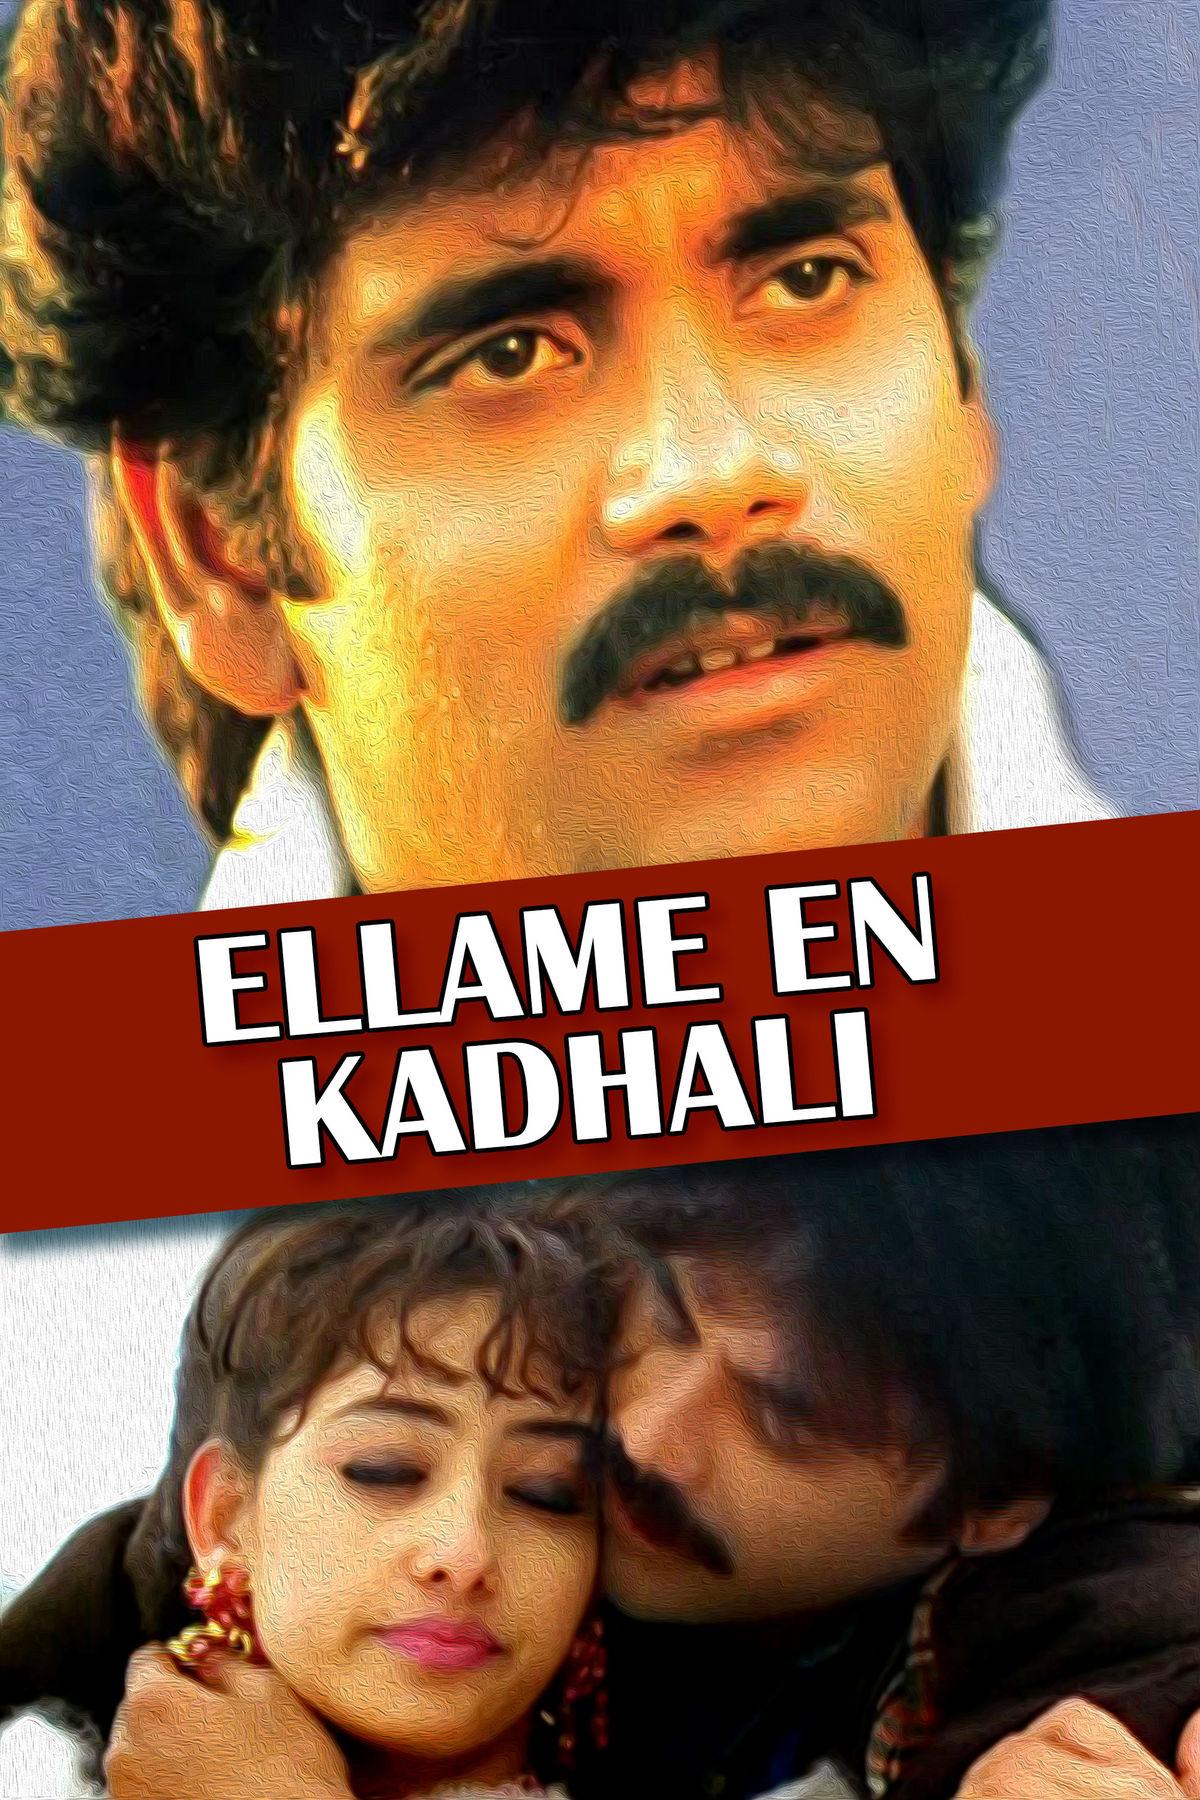 Ellame En Kadhali